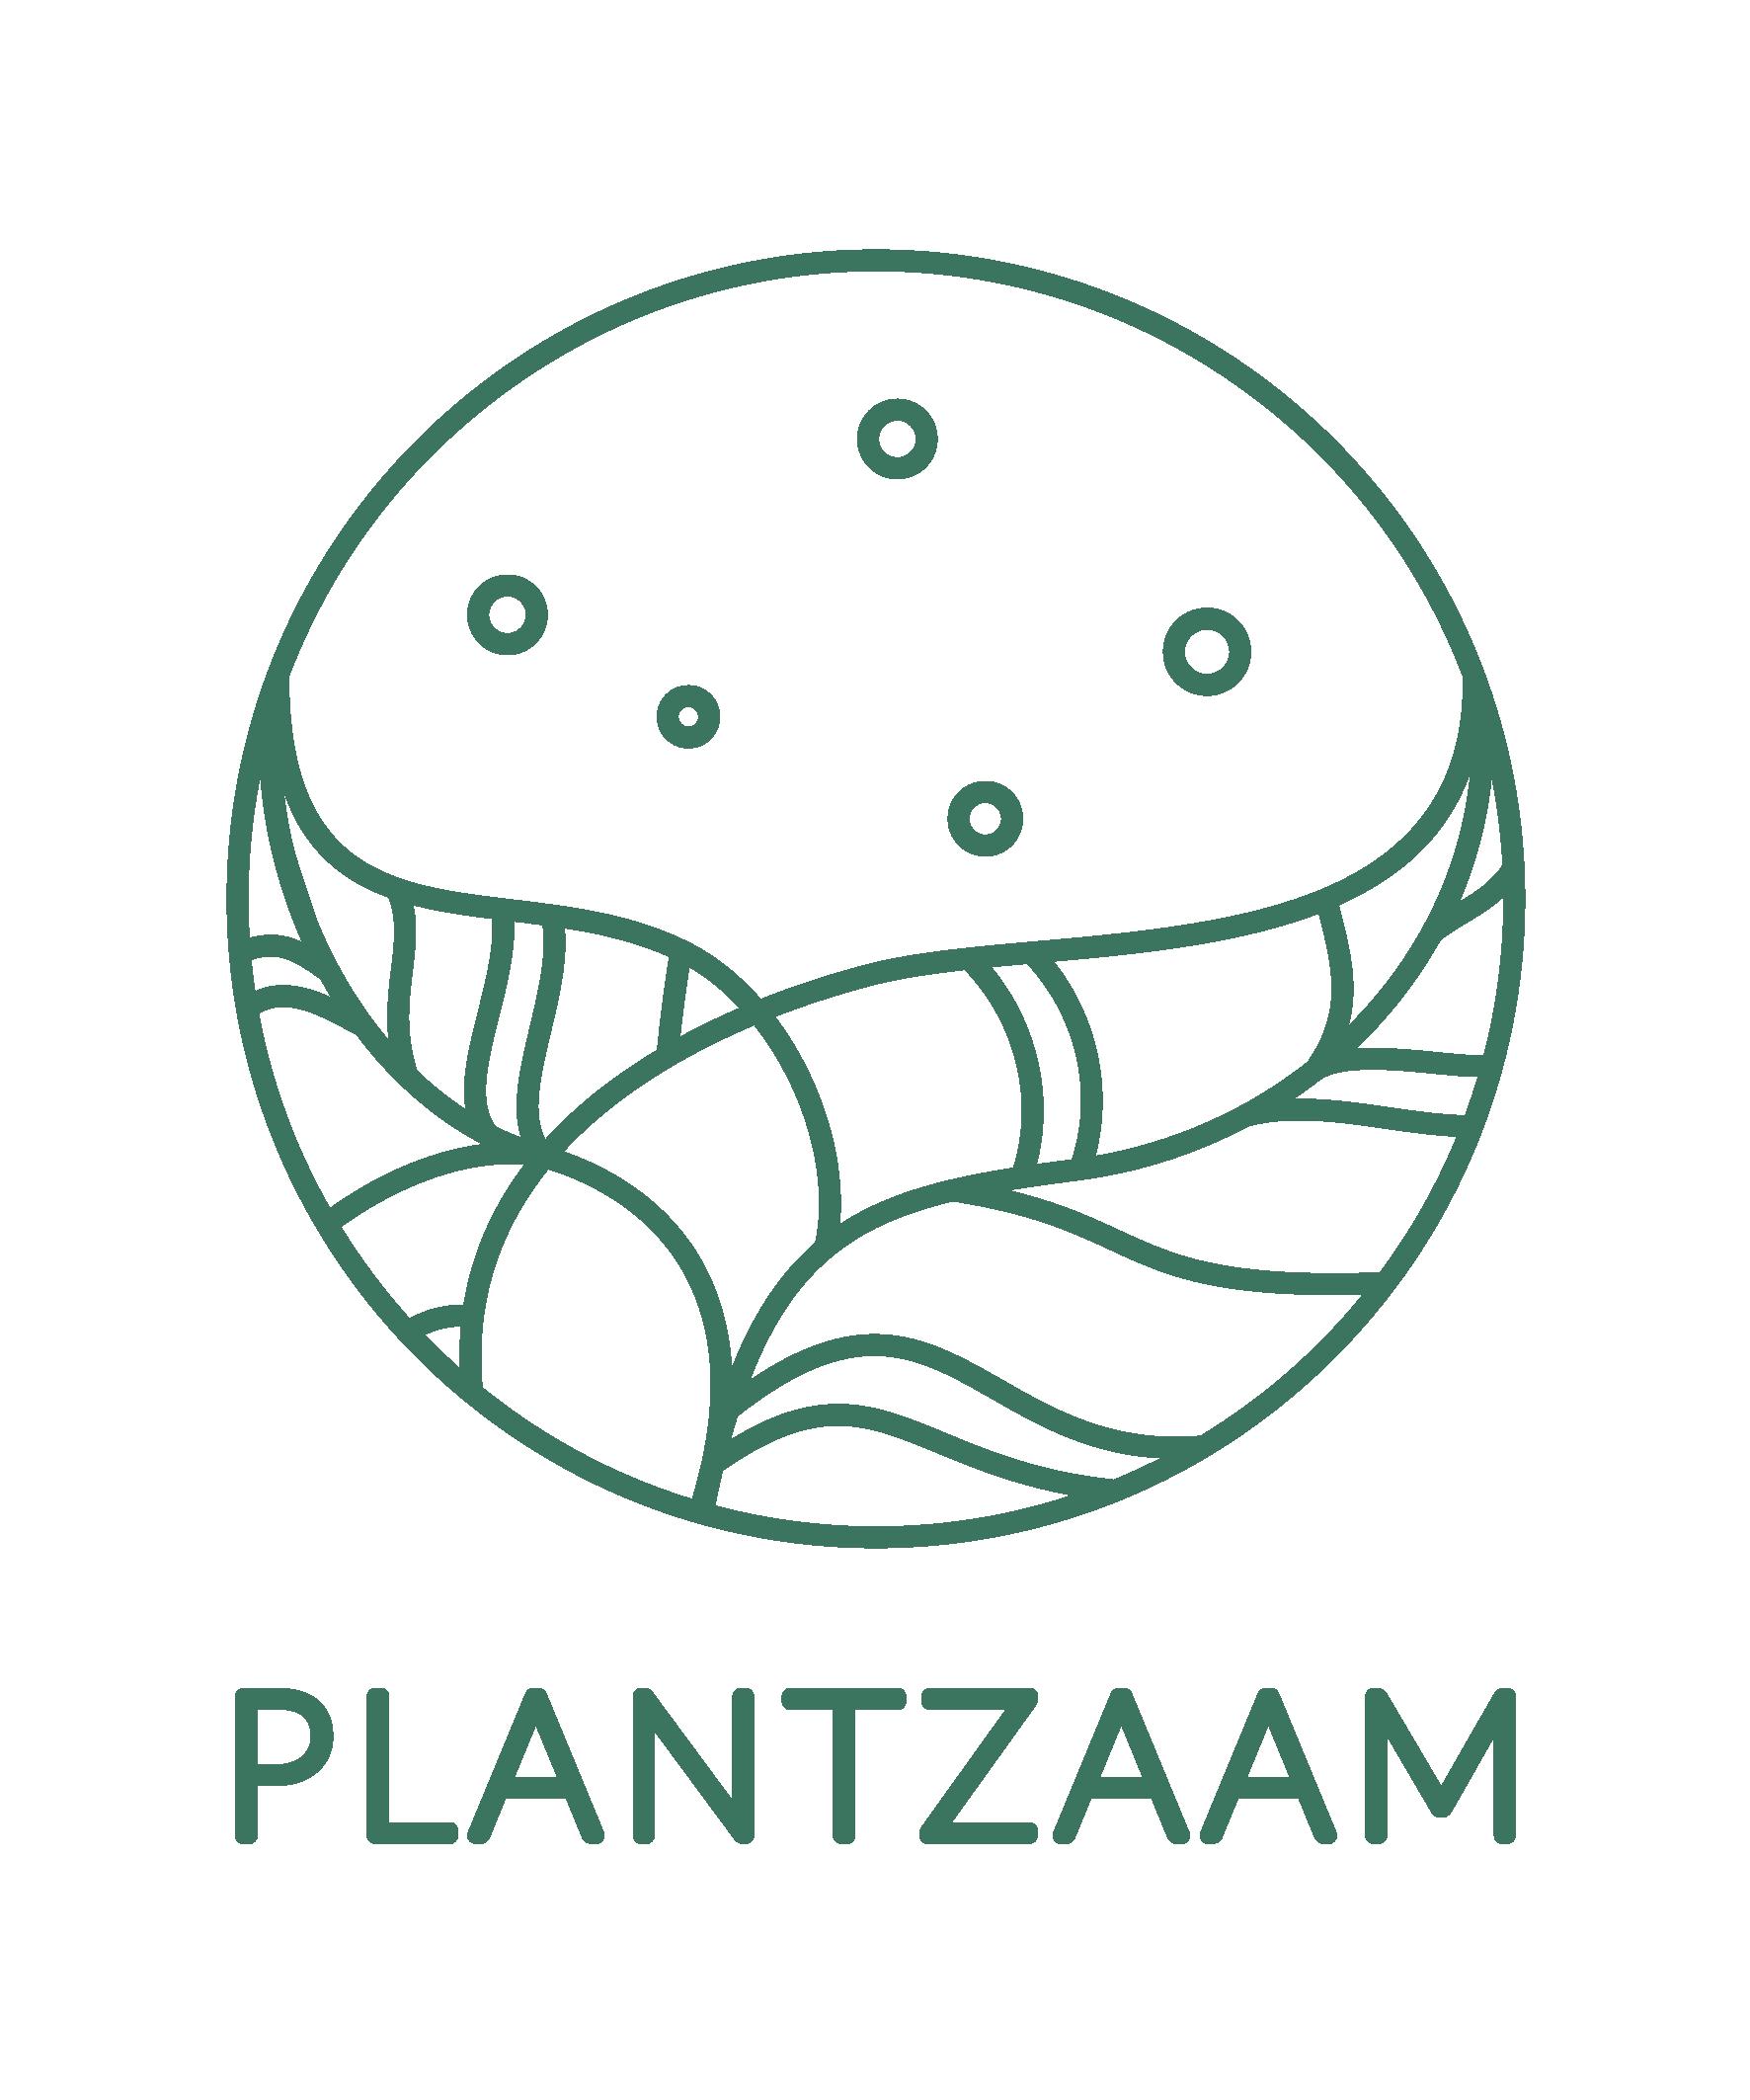 PLANTZAAM